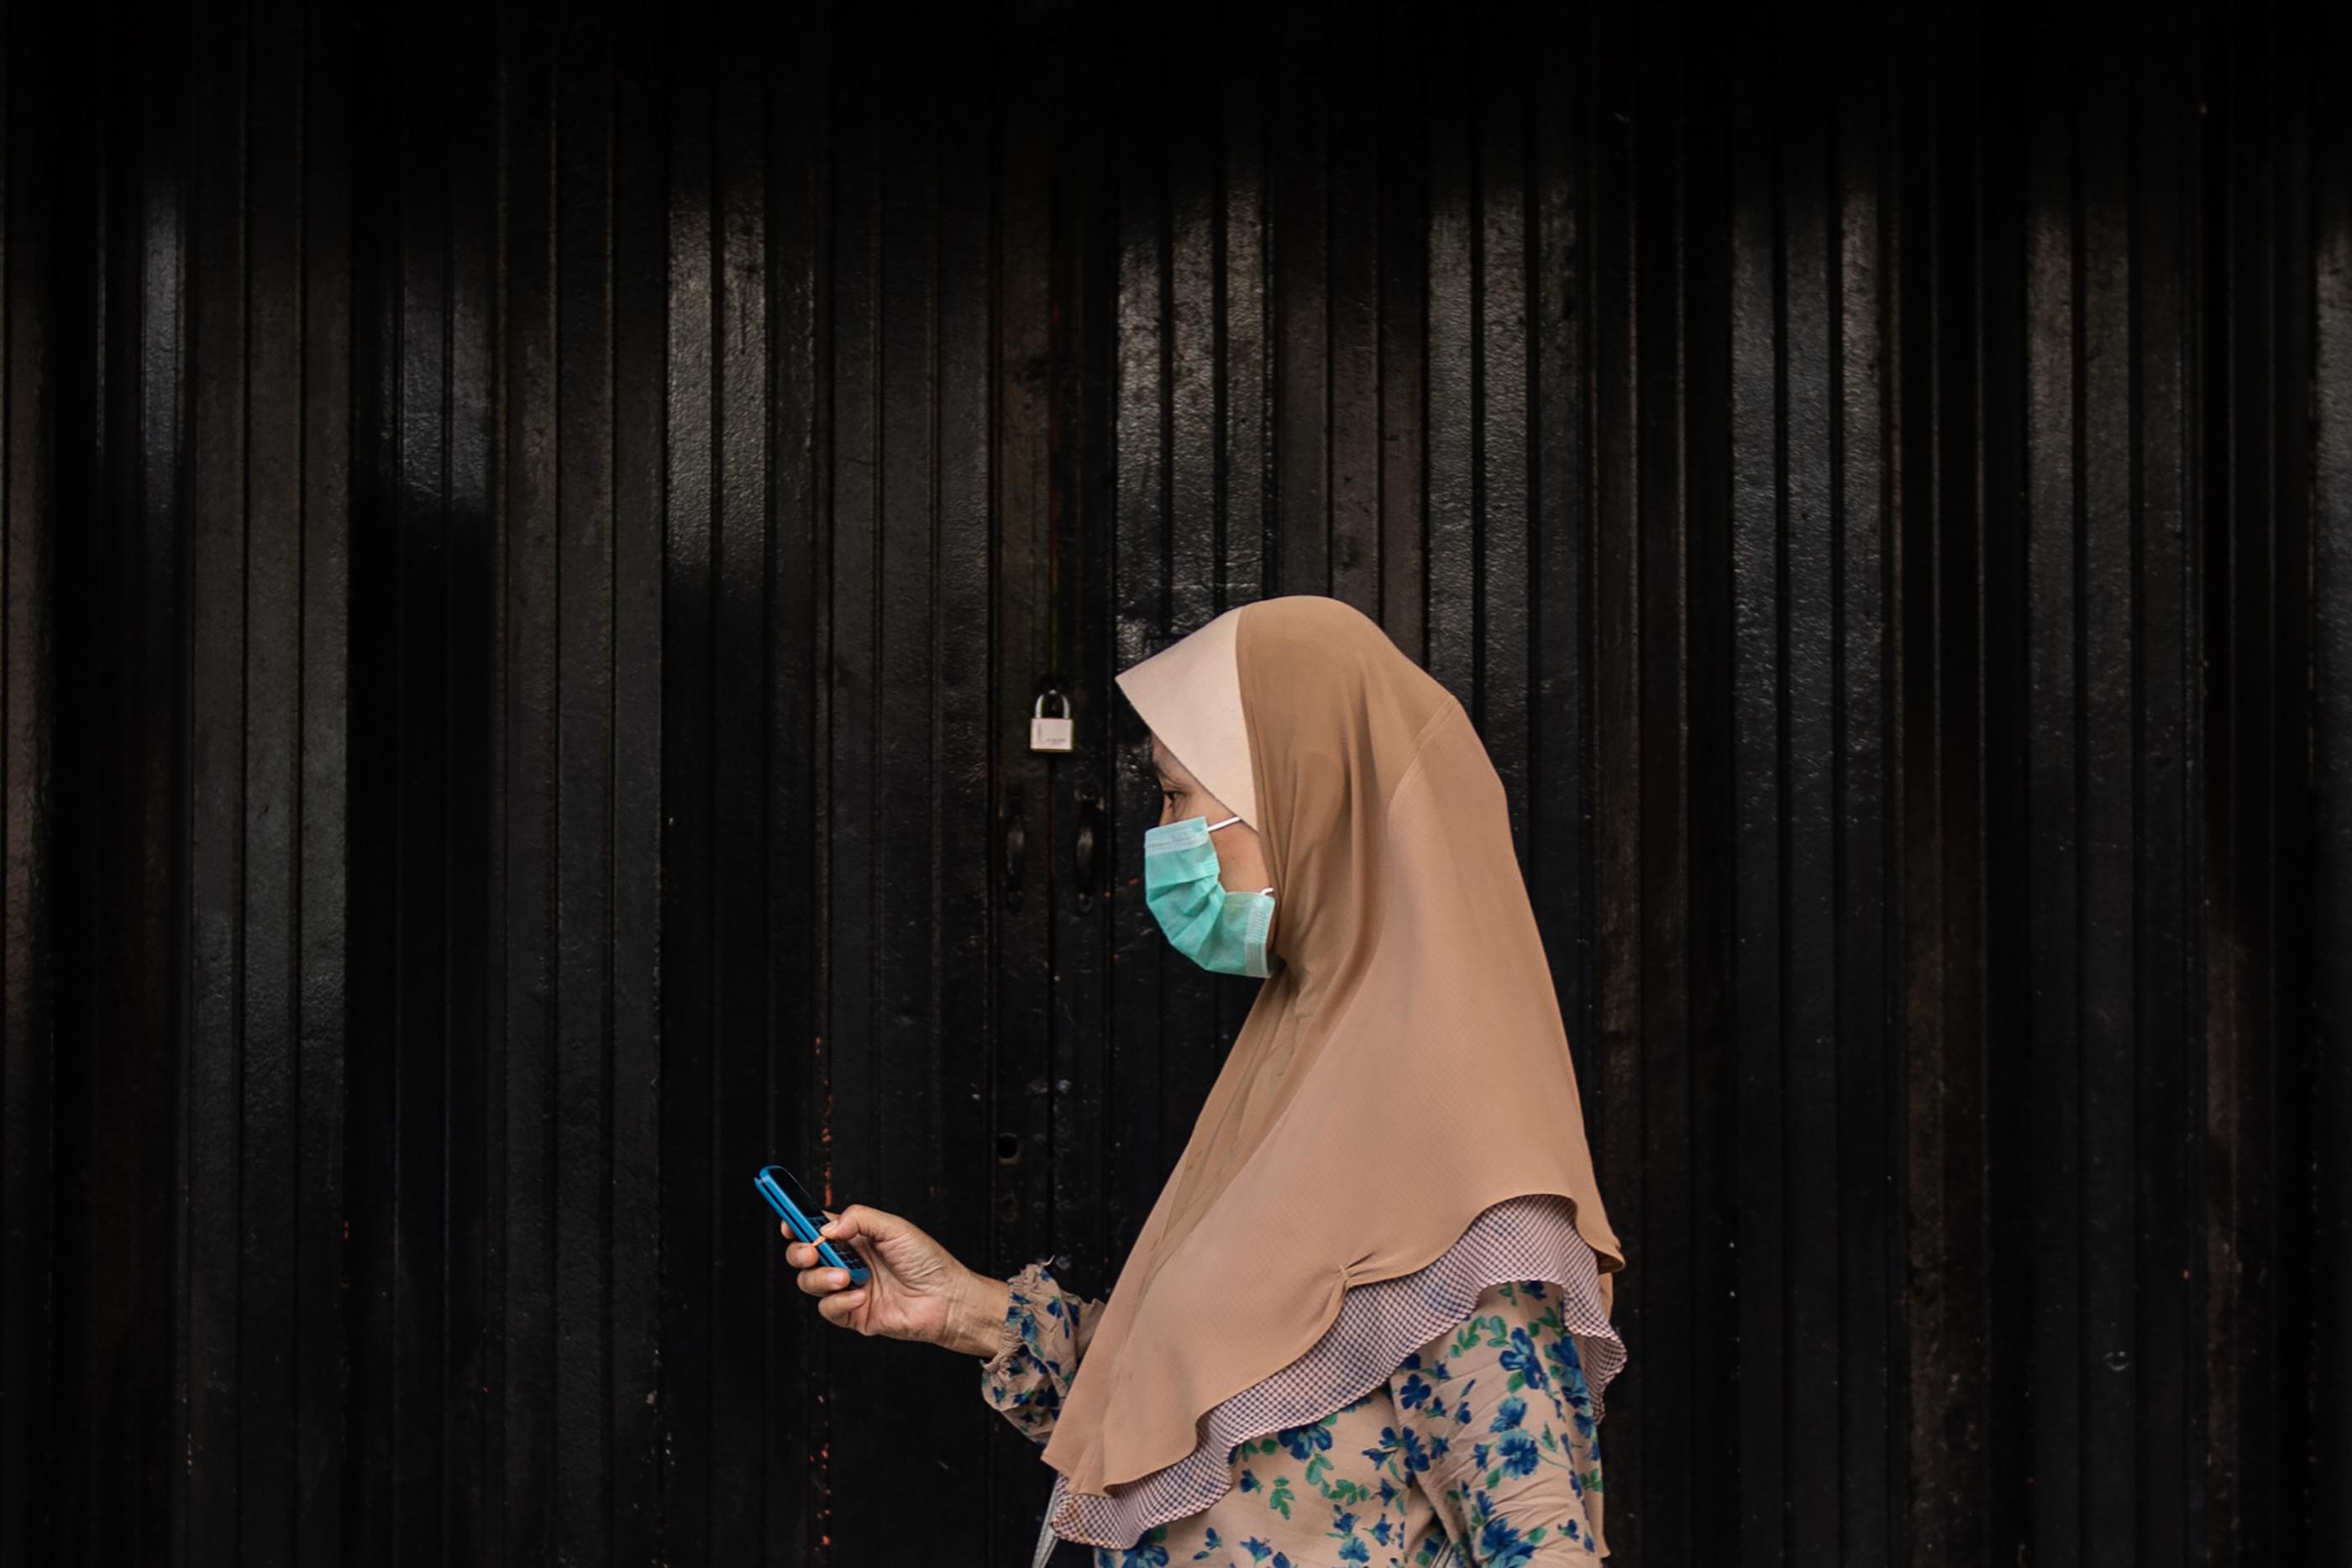 Elnézést kért a maláj kormány, amiért azt tanácsolta a nőknek, hogy ne zsémbelődjenek férjükkel a karanténban